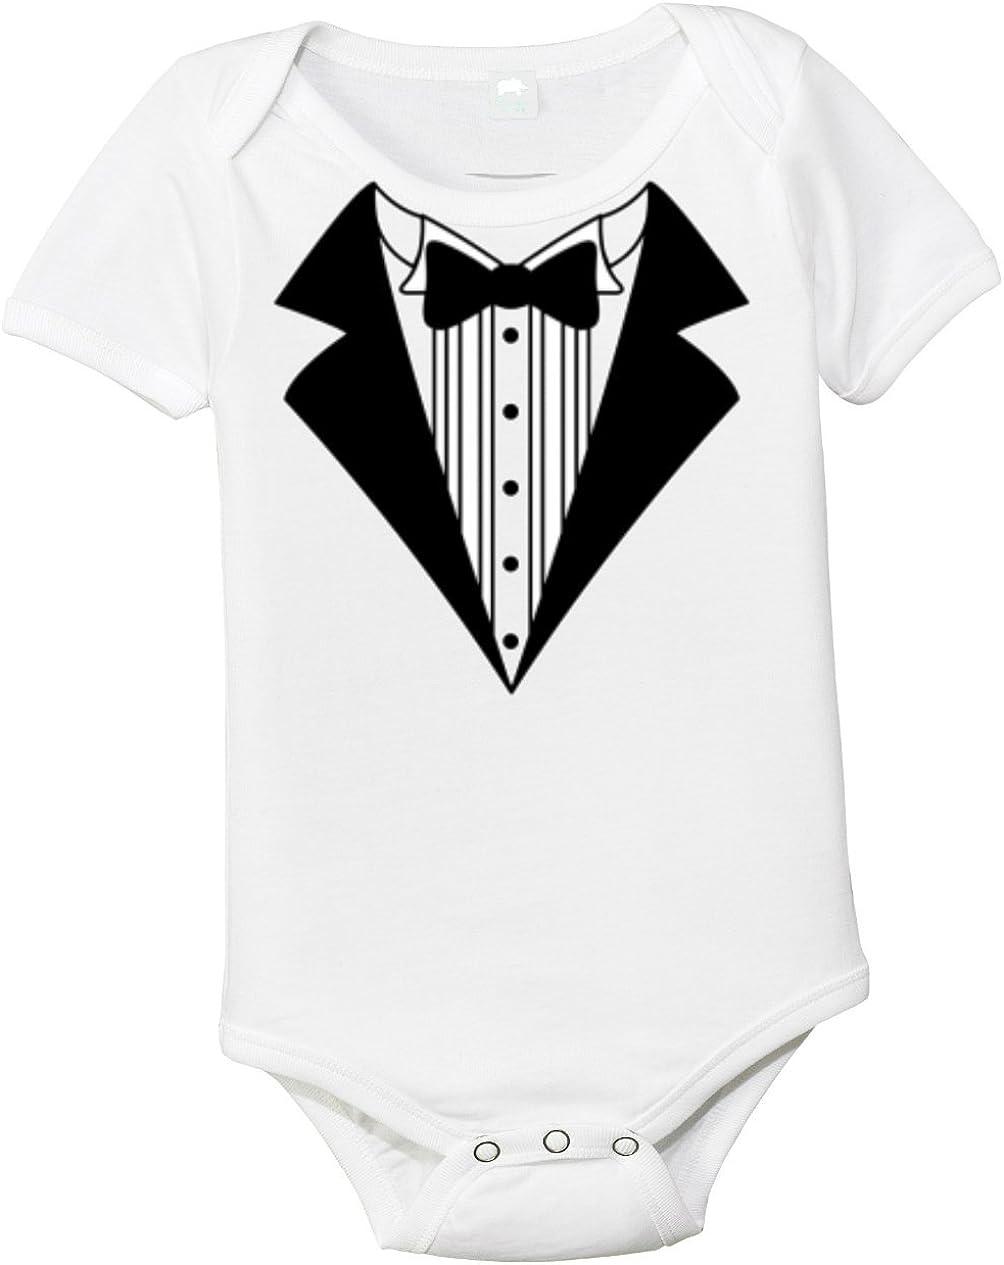 Baby Infant Onesie Bodysuit Shirt Shower Gift Tuxedo Design